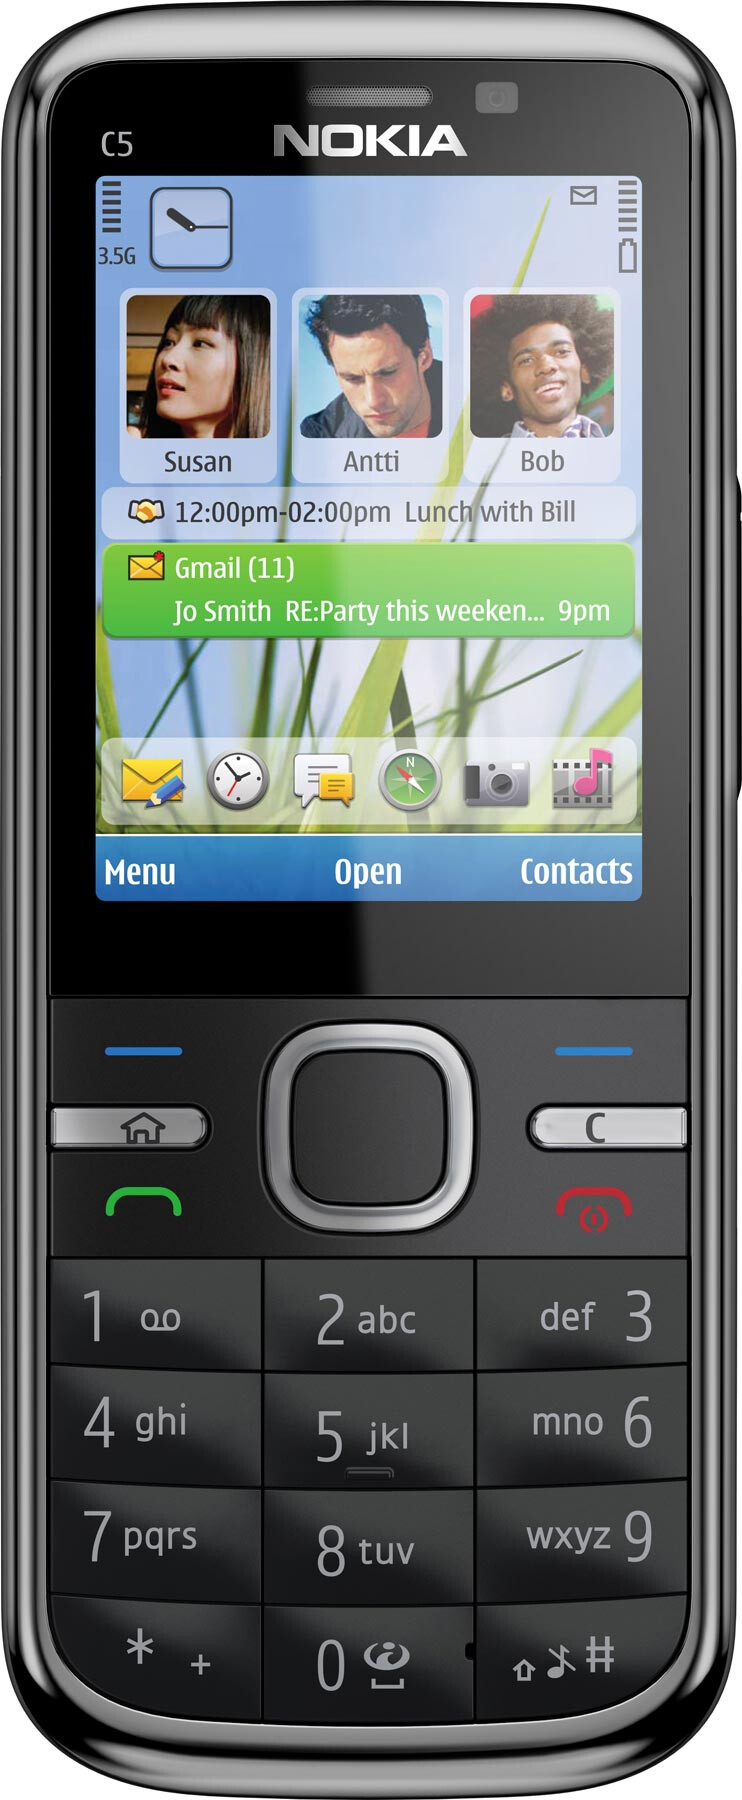 Nokia C5 5MP